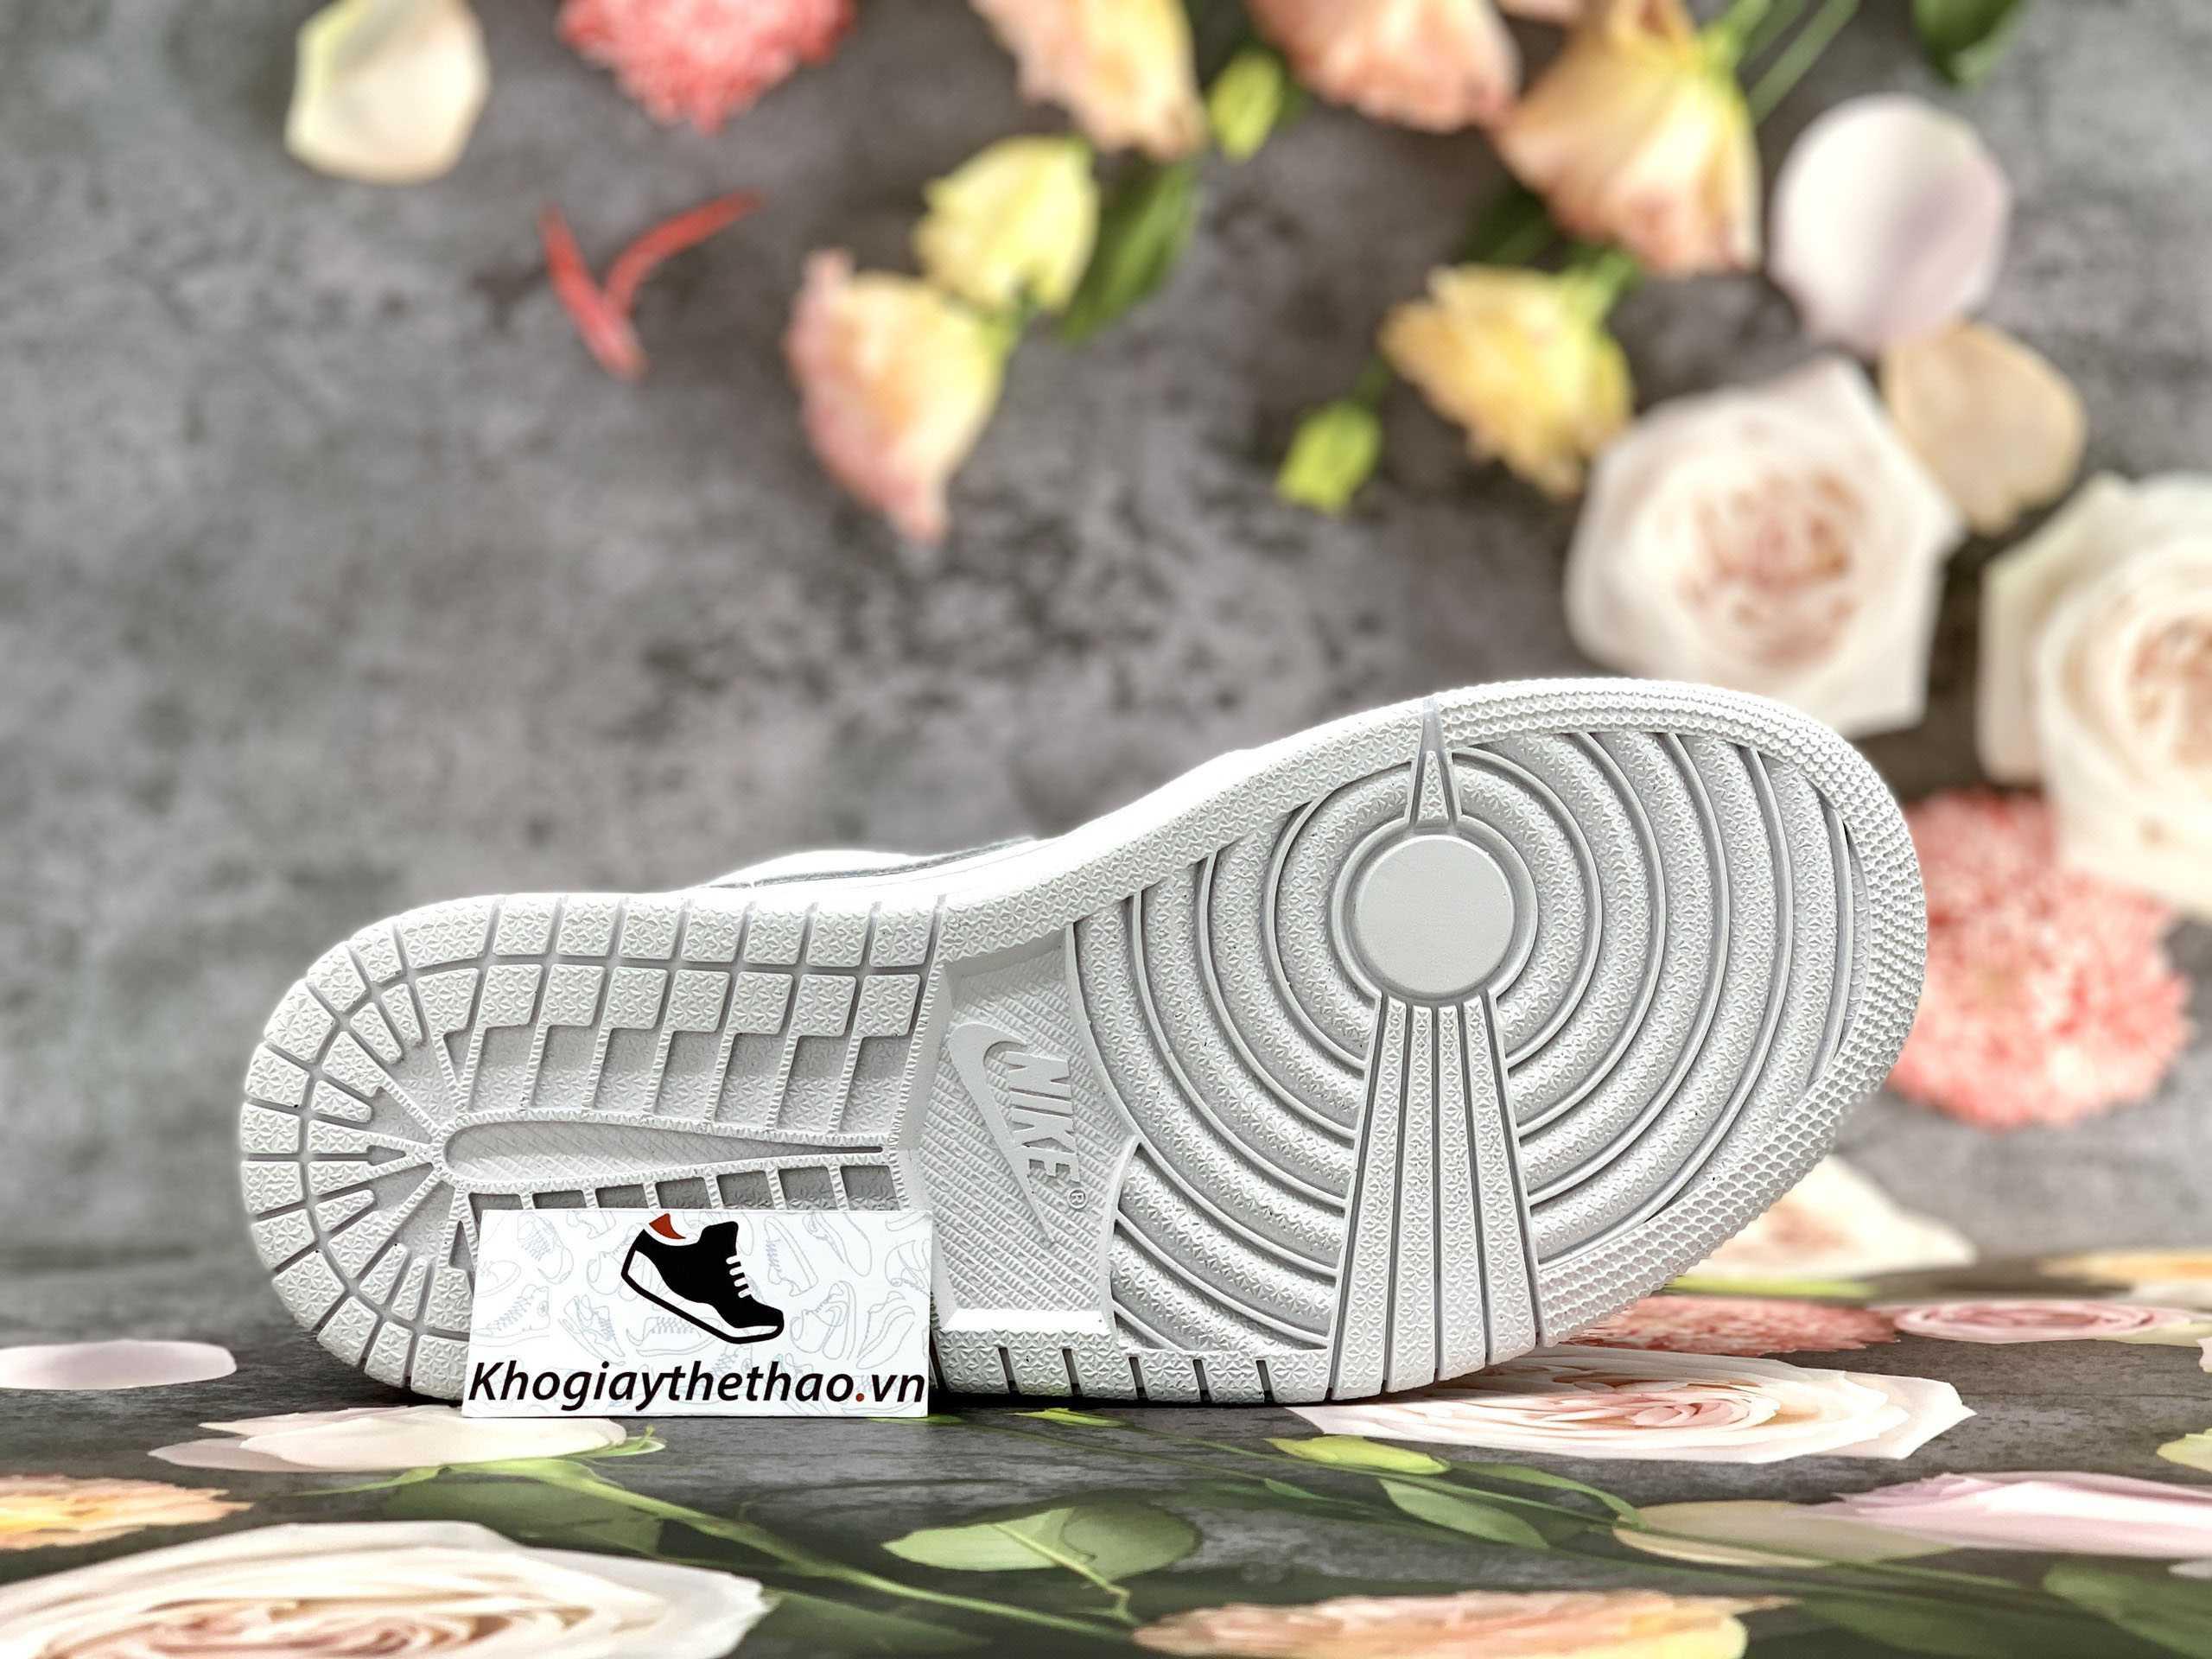 đế giày jordan 1 low triple white